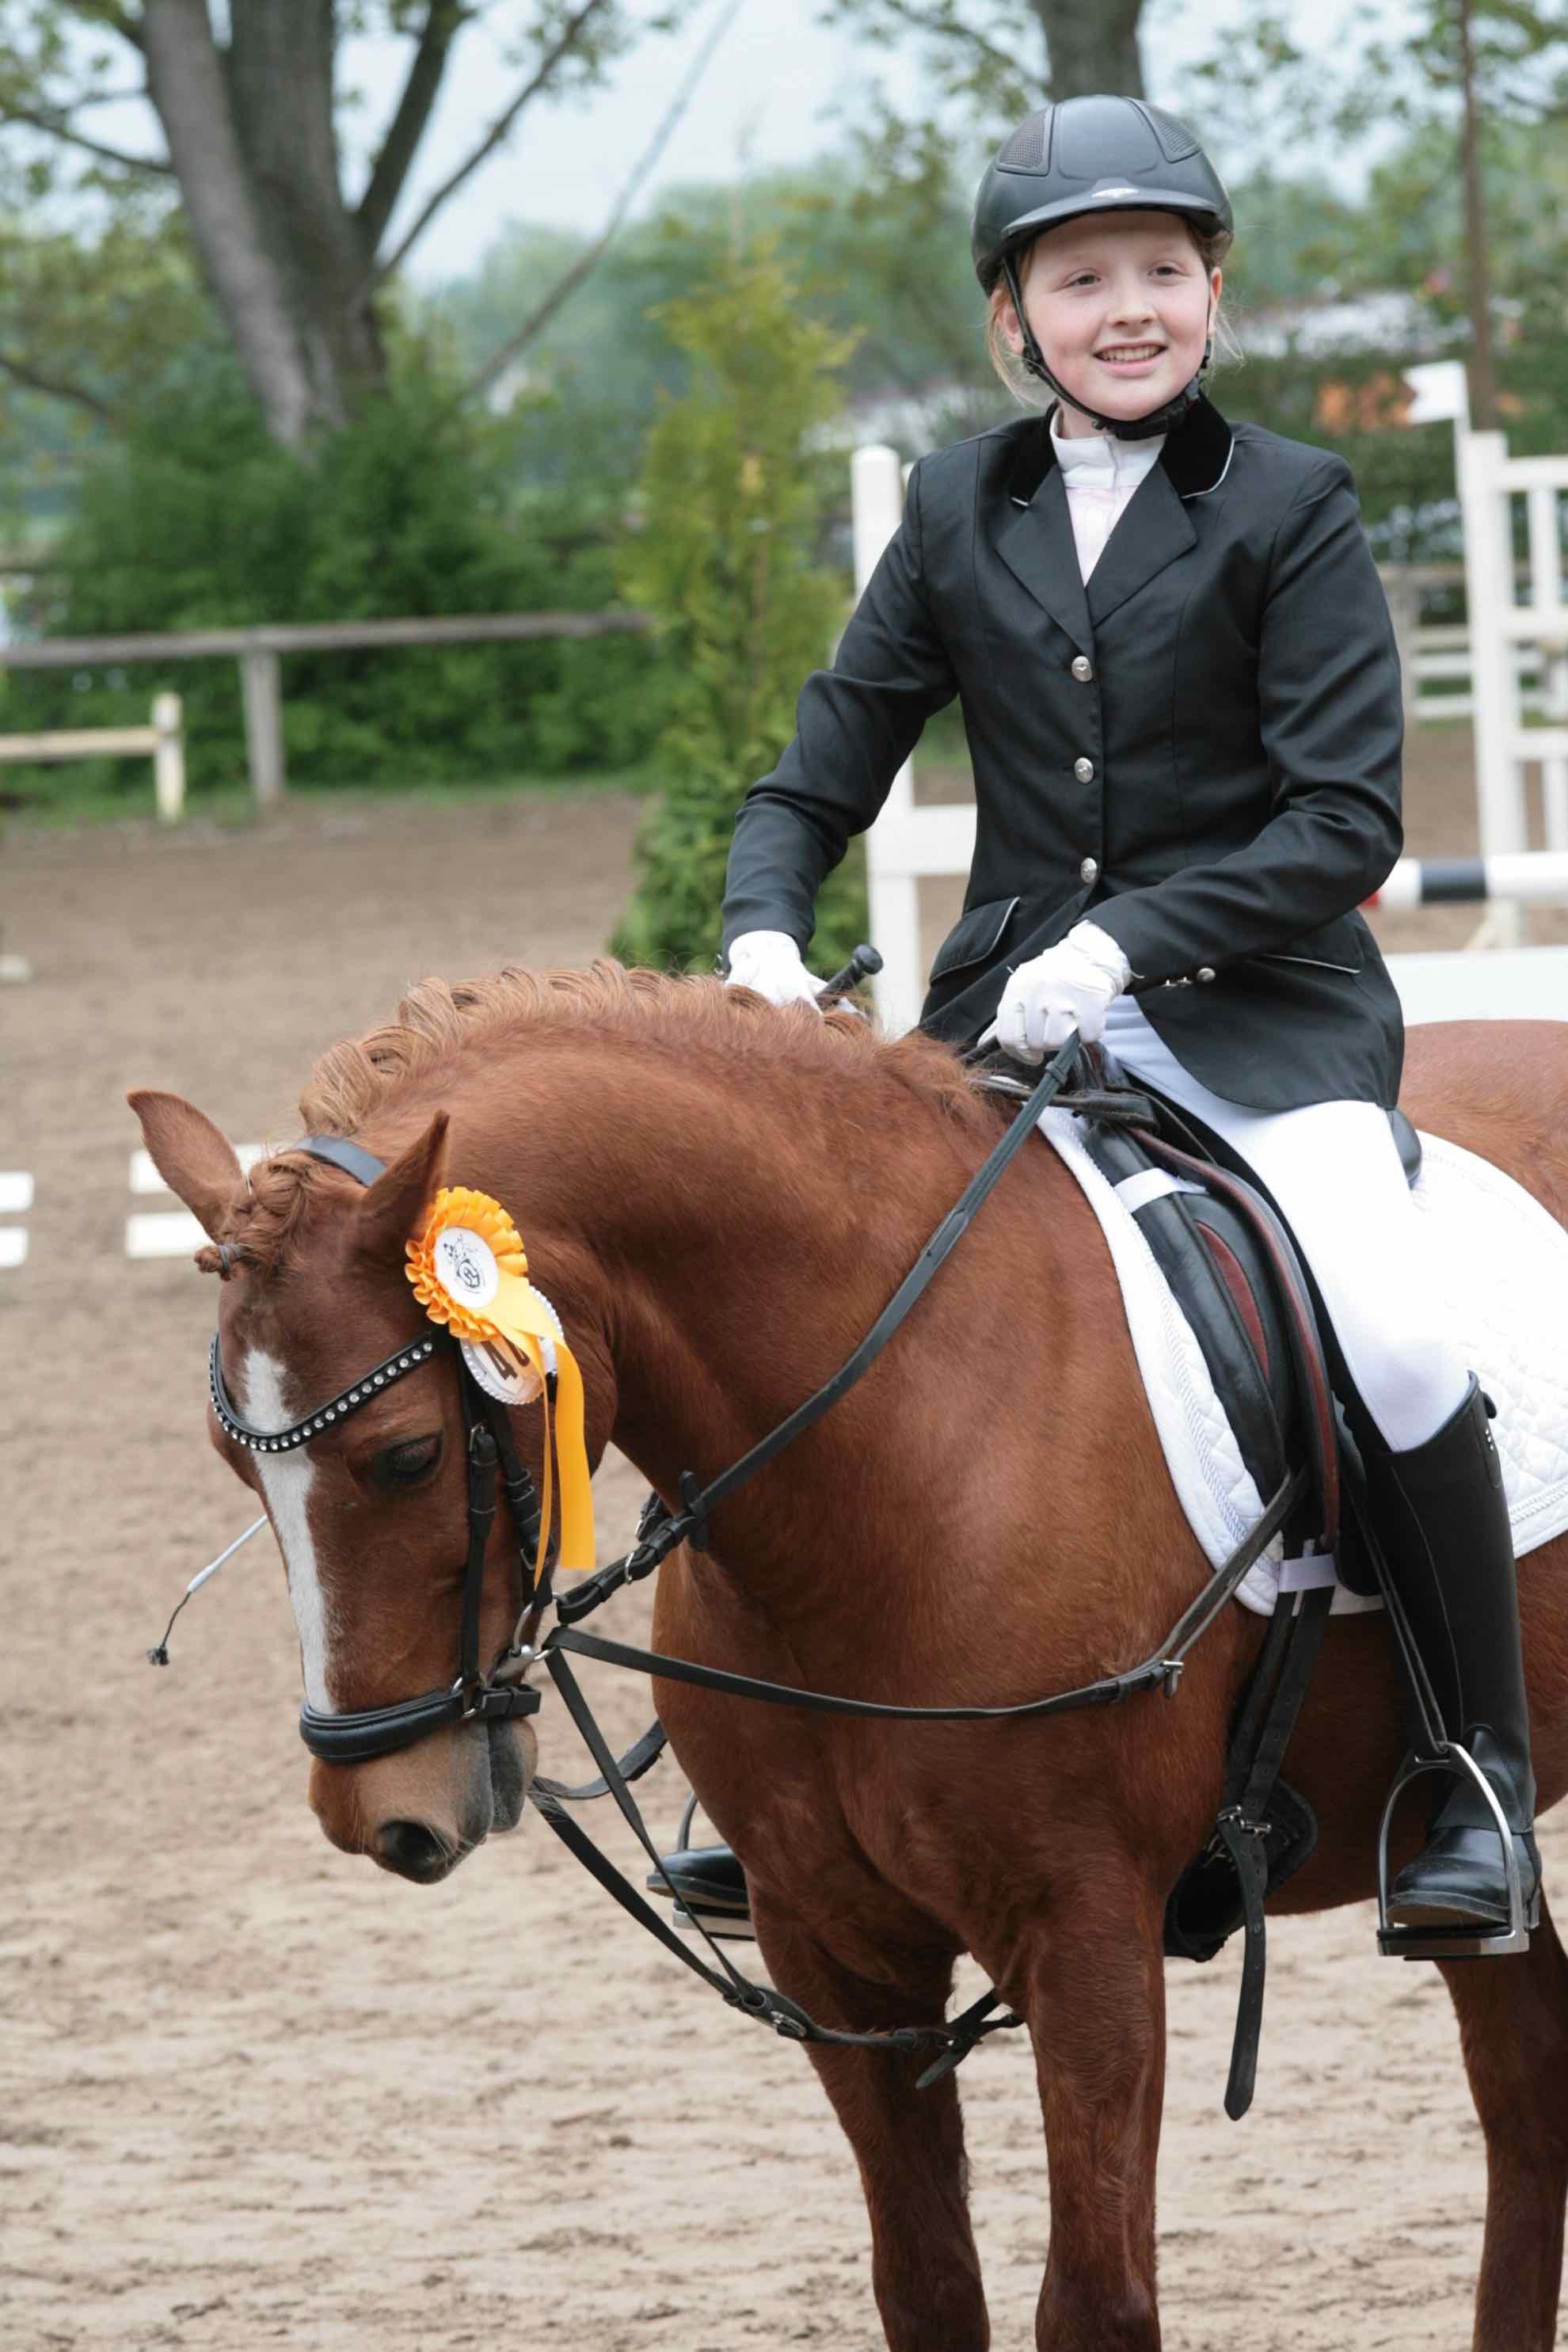 Prüfung 28/1 Reiterwettbewerb für Ponys - 1. Platz - Hannah Schmitt auf Pedro 961 - PSG Birkenbusch Ober-Modau e.V.